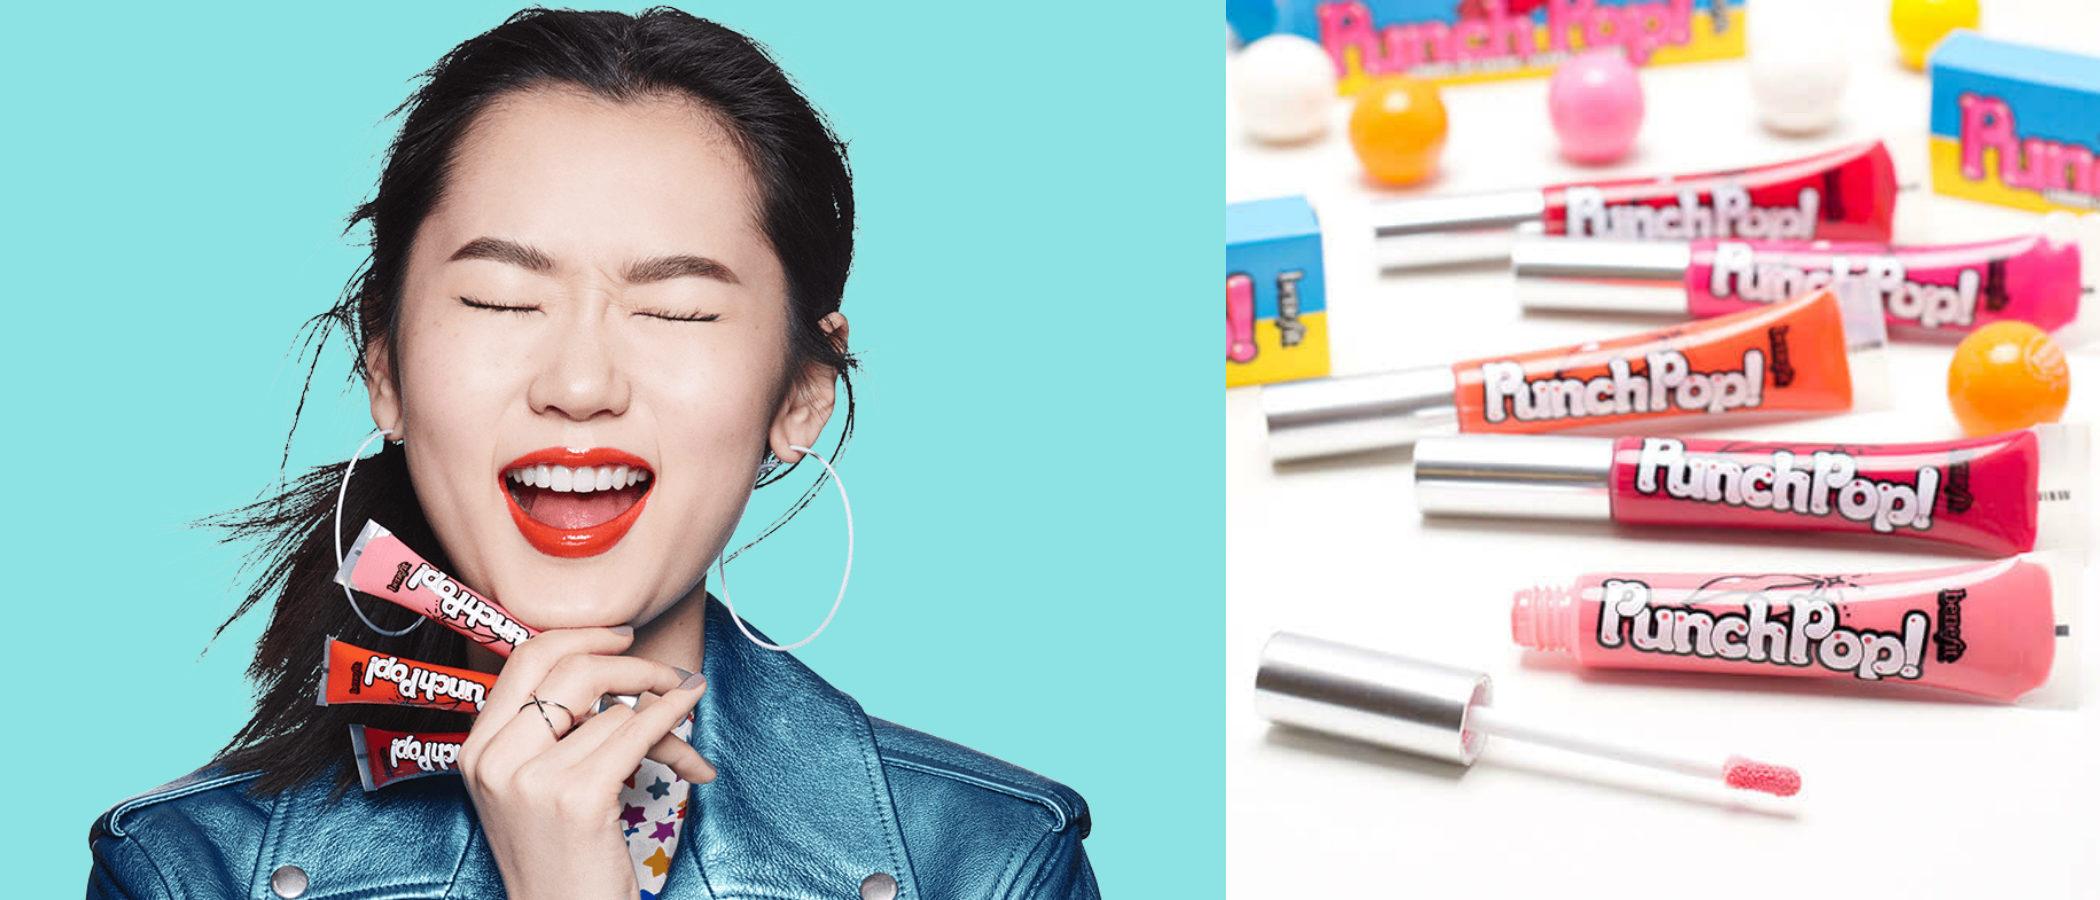 Benefit presenta 'Punch Pop', su nueva colección de labiales gloss